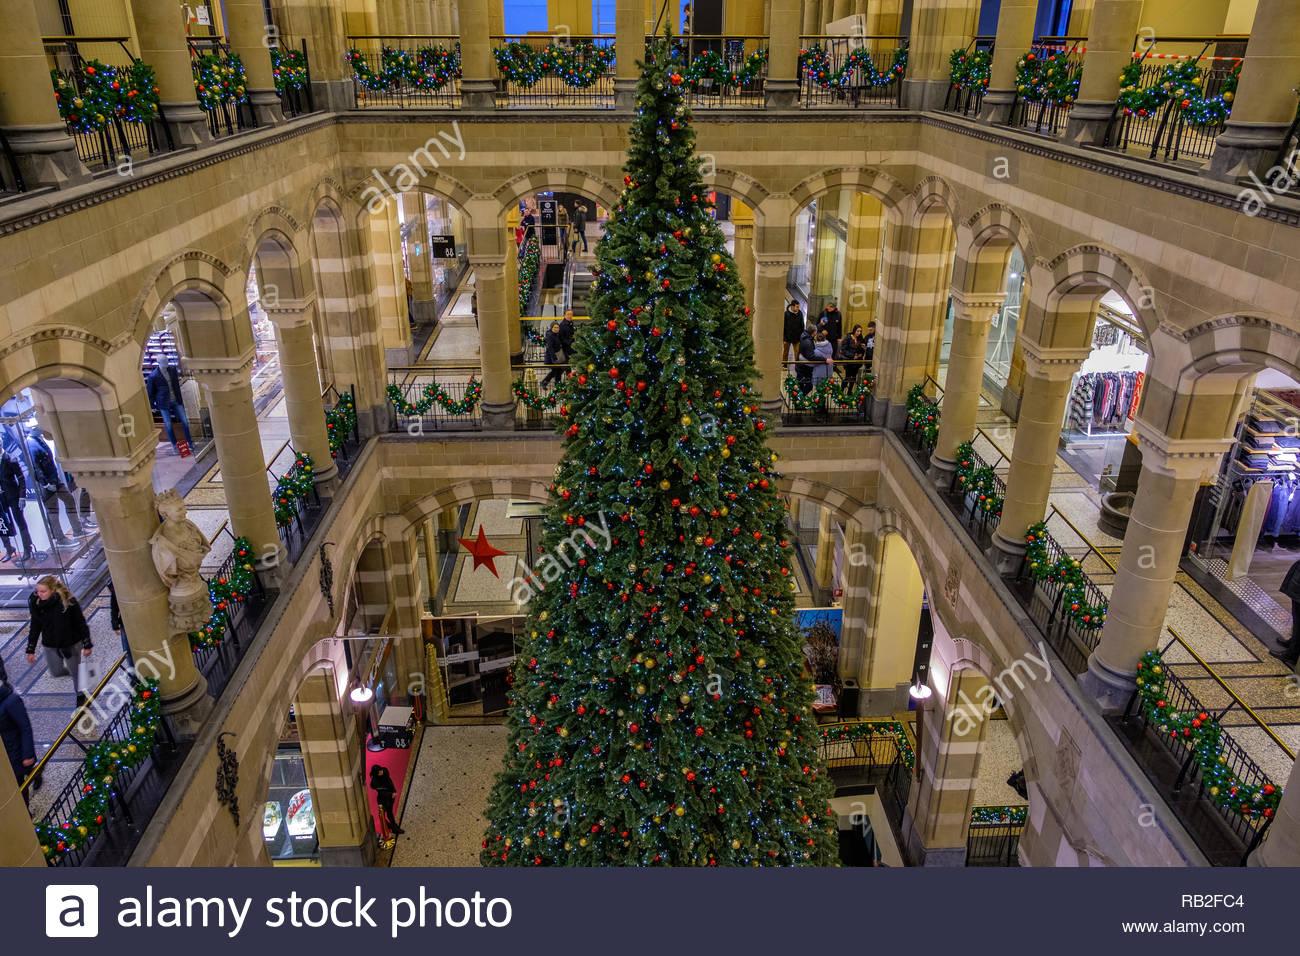 Frohe Weihnachten Und Ein Gutes Neues Jahr Holländisch.Frohe Weihnachten Auf Niederländisch Stockfotos Frohe Weihnachten